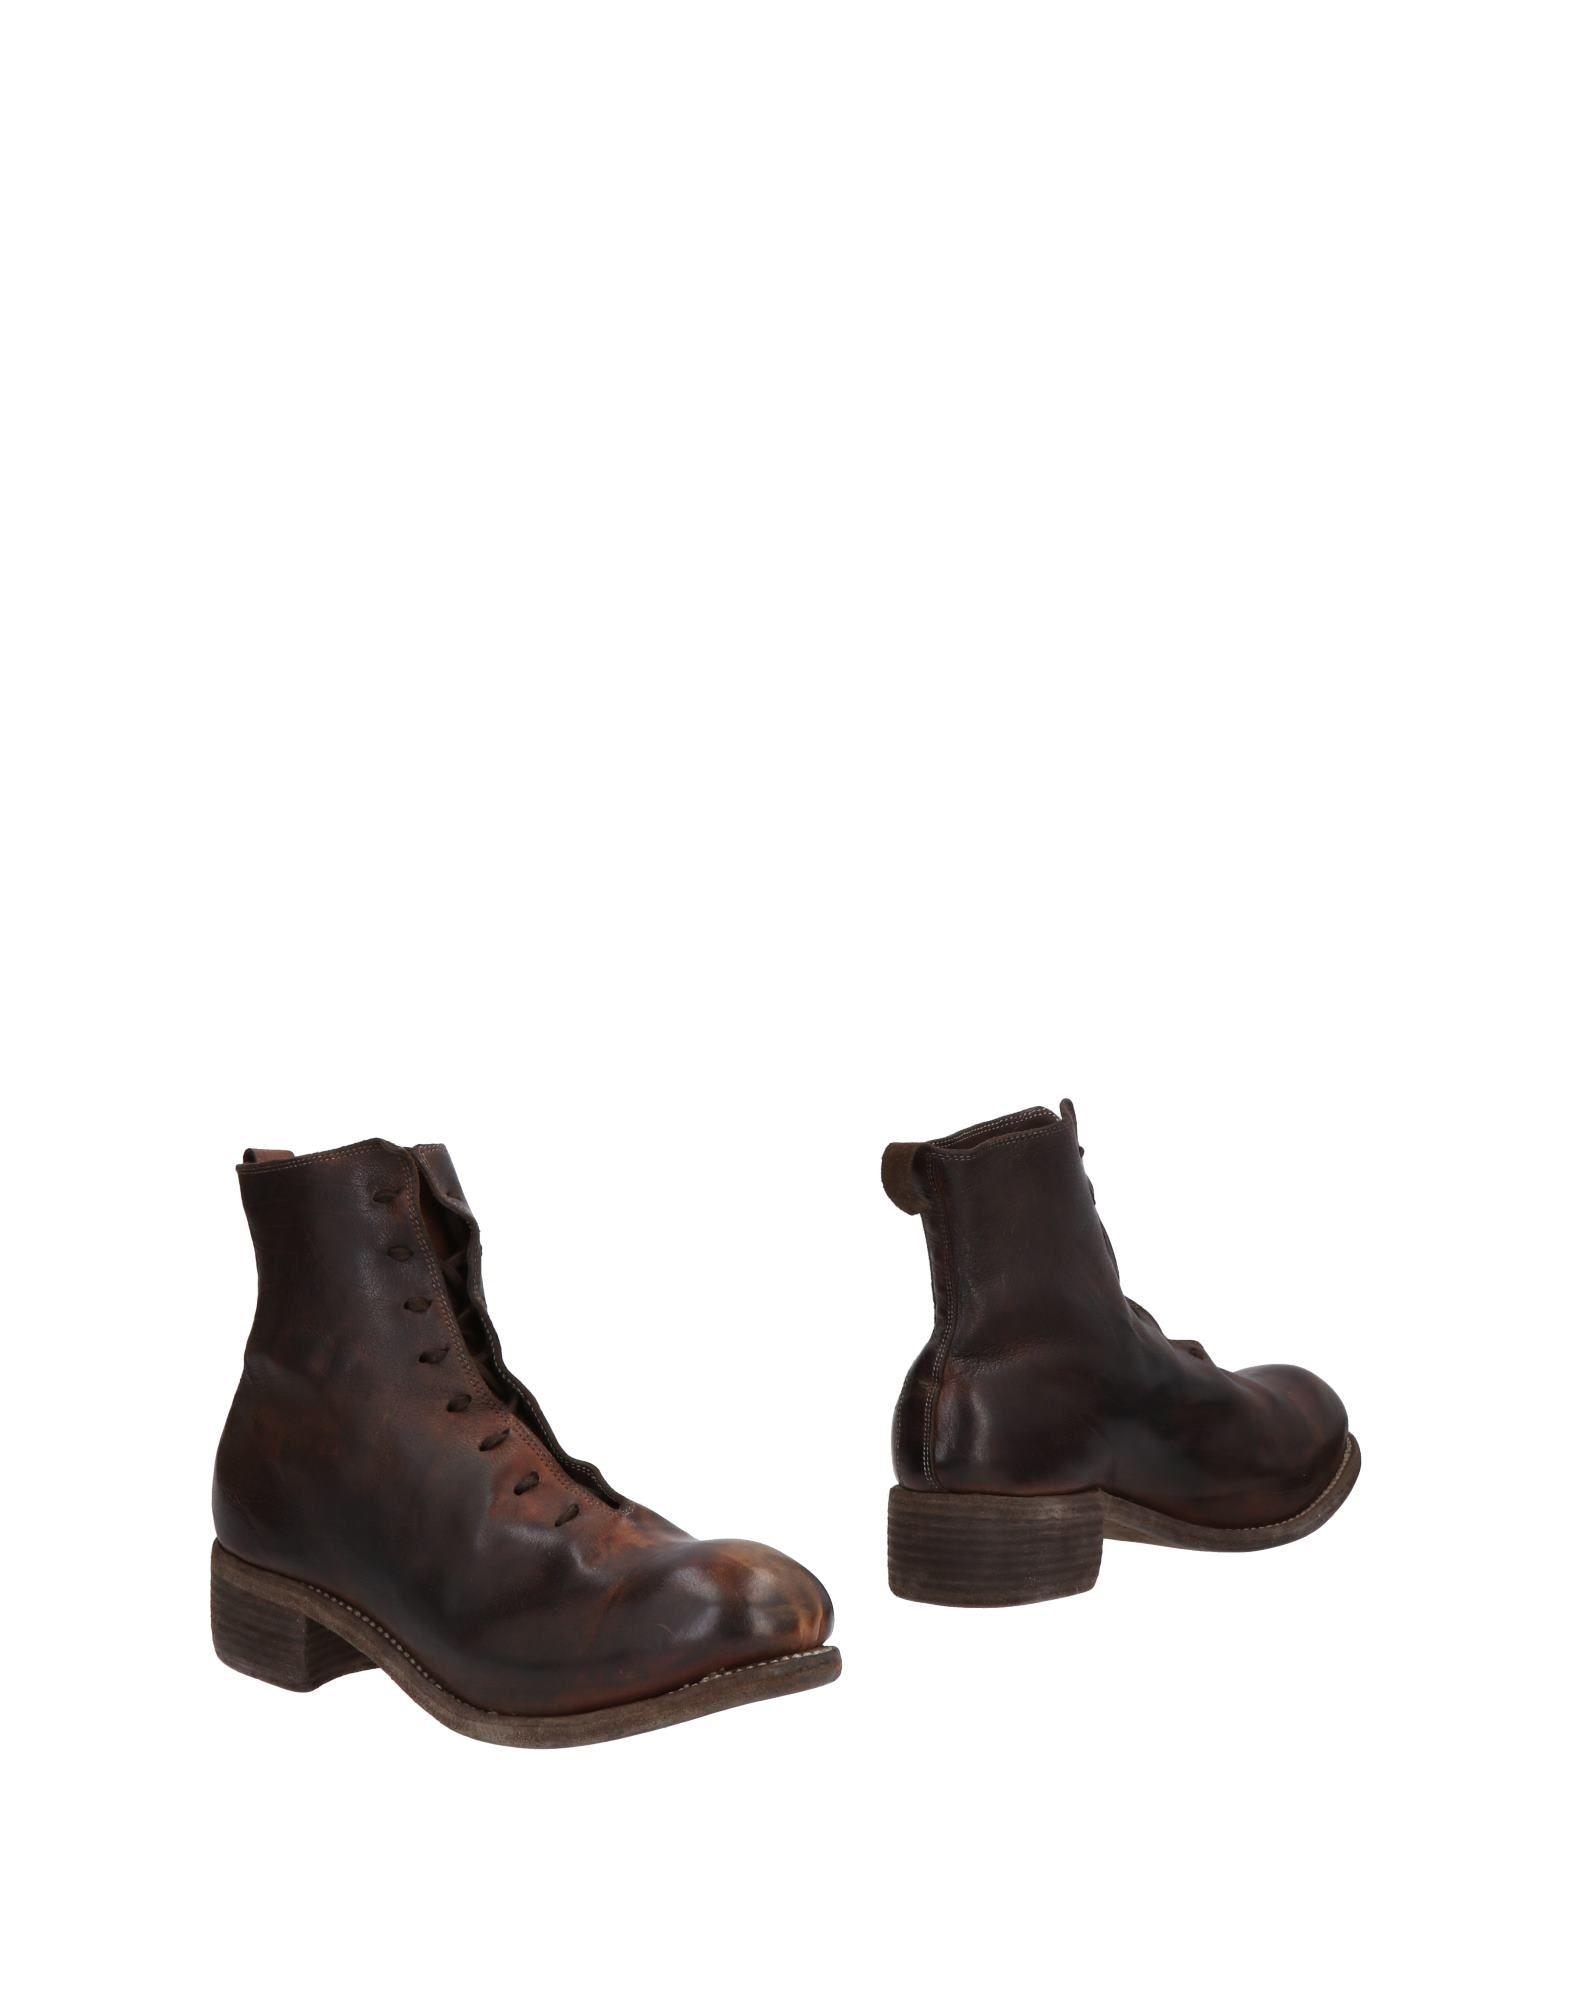 Guidi Stiefelette Herren  11489096MI Gute Qualität beliebte Schuhe